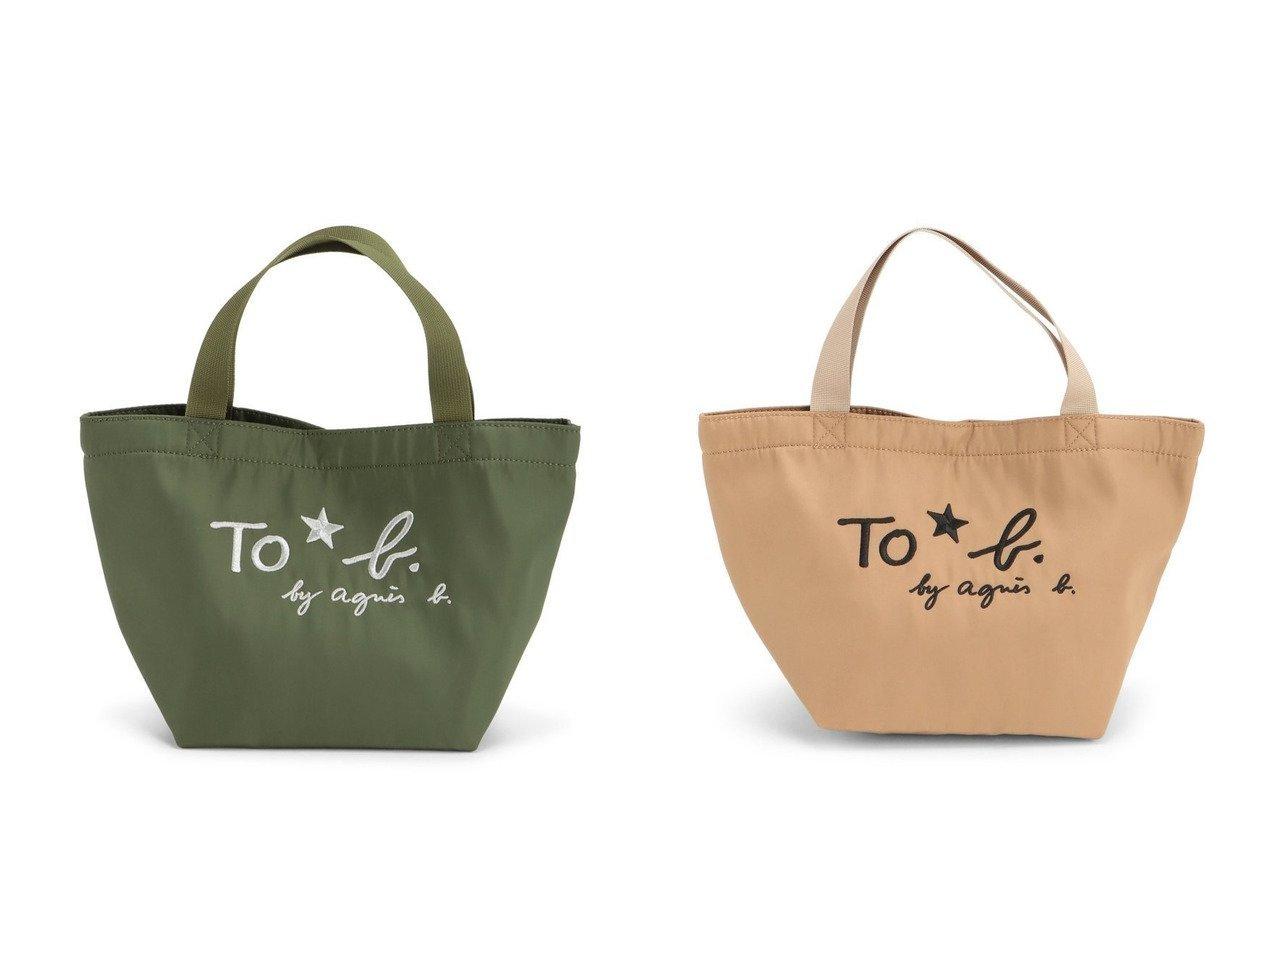 【To b. by agnes b./トゥービー バイ アニエスベー】のTo b. by agnes b.WP66 SAC ロゴミニトートバッグ バッグ・鞄のおすすめ!人気、トレンド・レディースファッションの通販 おすすめで人気の流行・トレンド、ファッションの通販商品 メンズファッション・キッズファッション・インテリア・家具・レディースファッション・服の通販 founy(ファニー) https://founy.com/ ファッション Fashion レディースファッション WOMEN バッグ Bag |ID:crp329100000022628